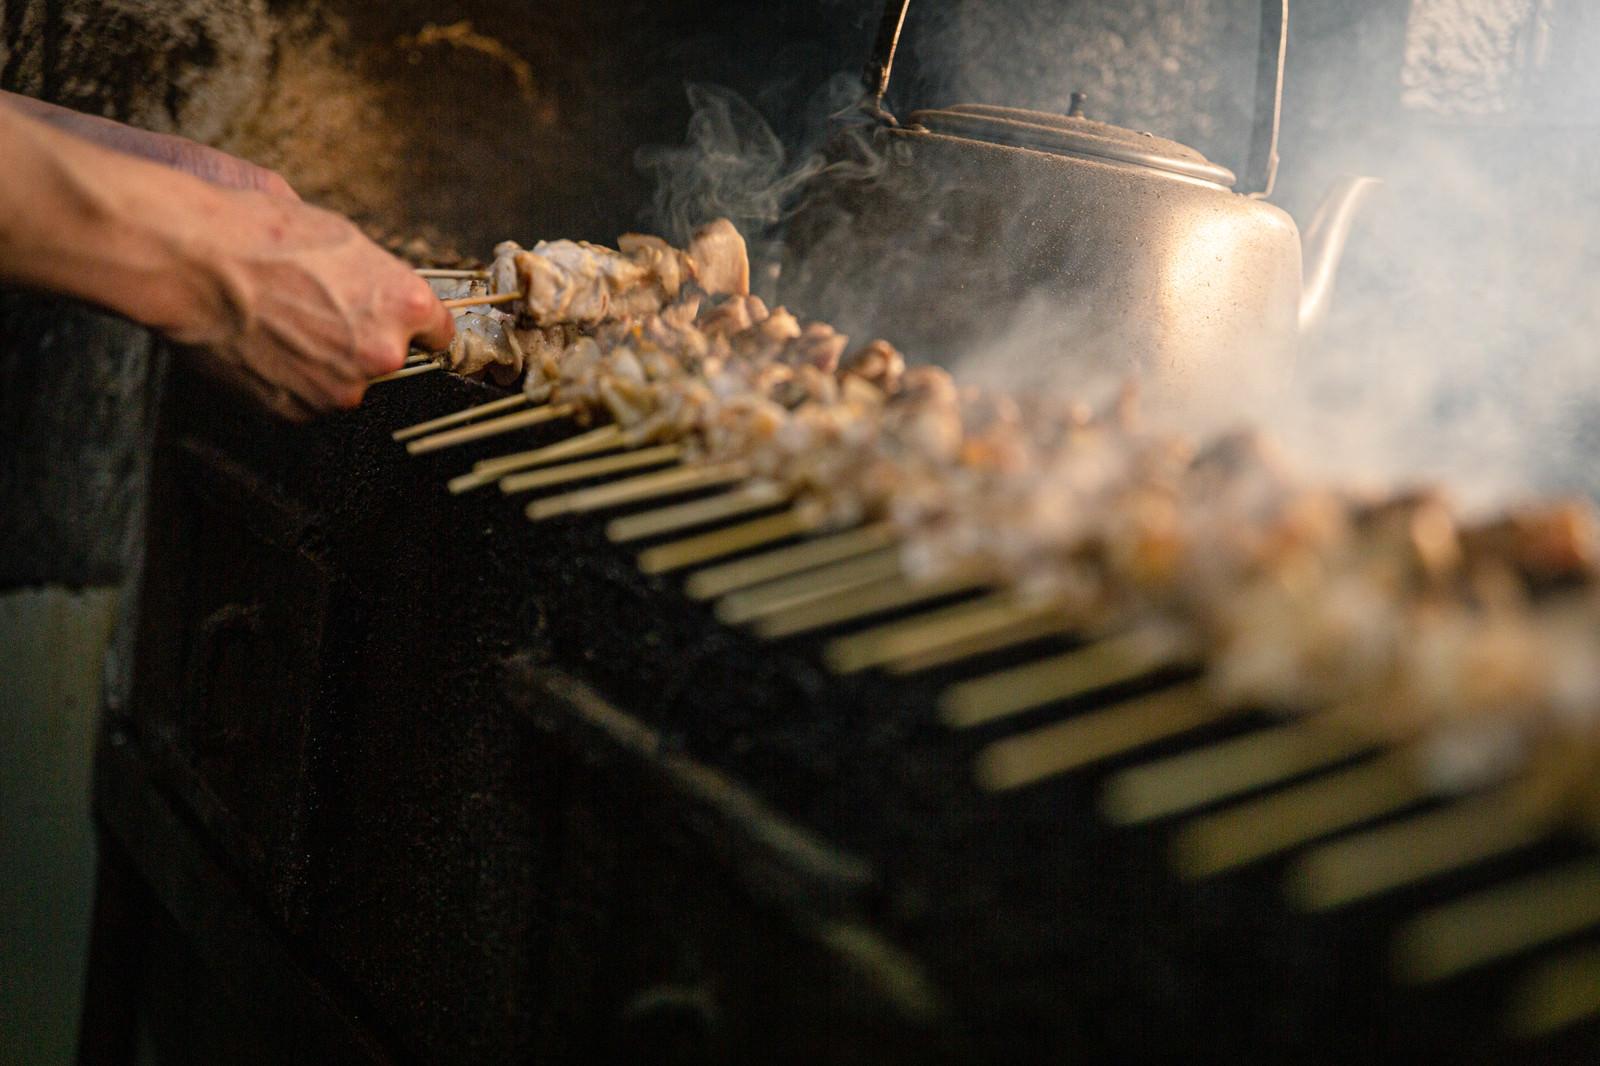 「一度に何本もの鳥串を焼く美唄焼き鳥の老舗店」の写真